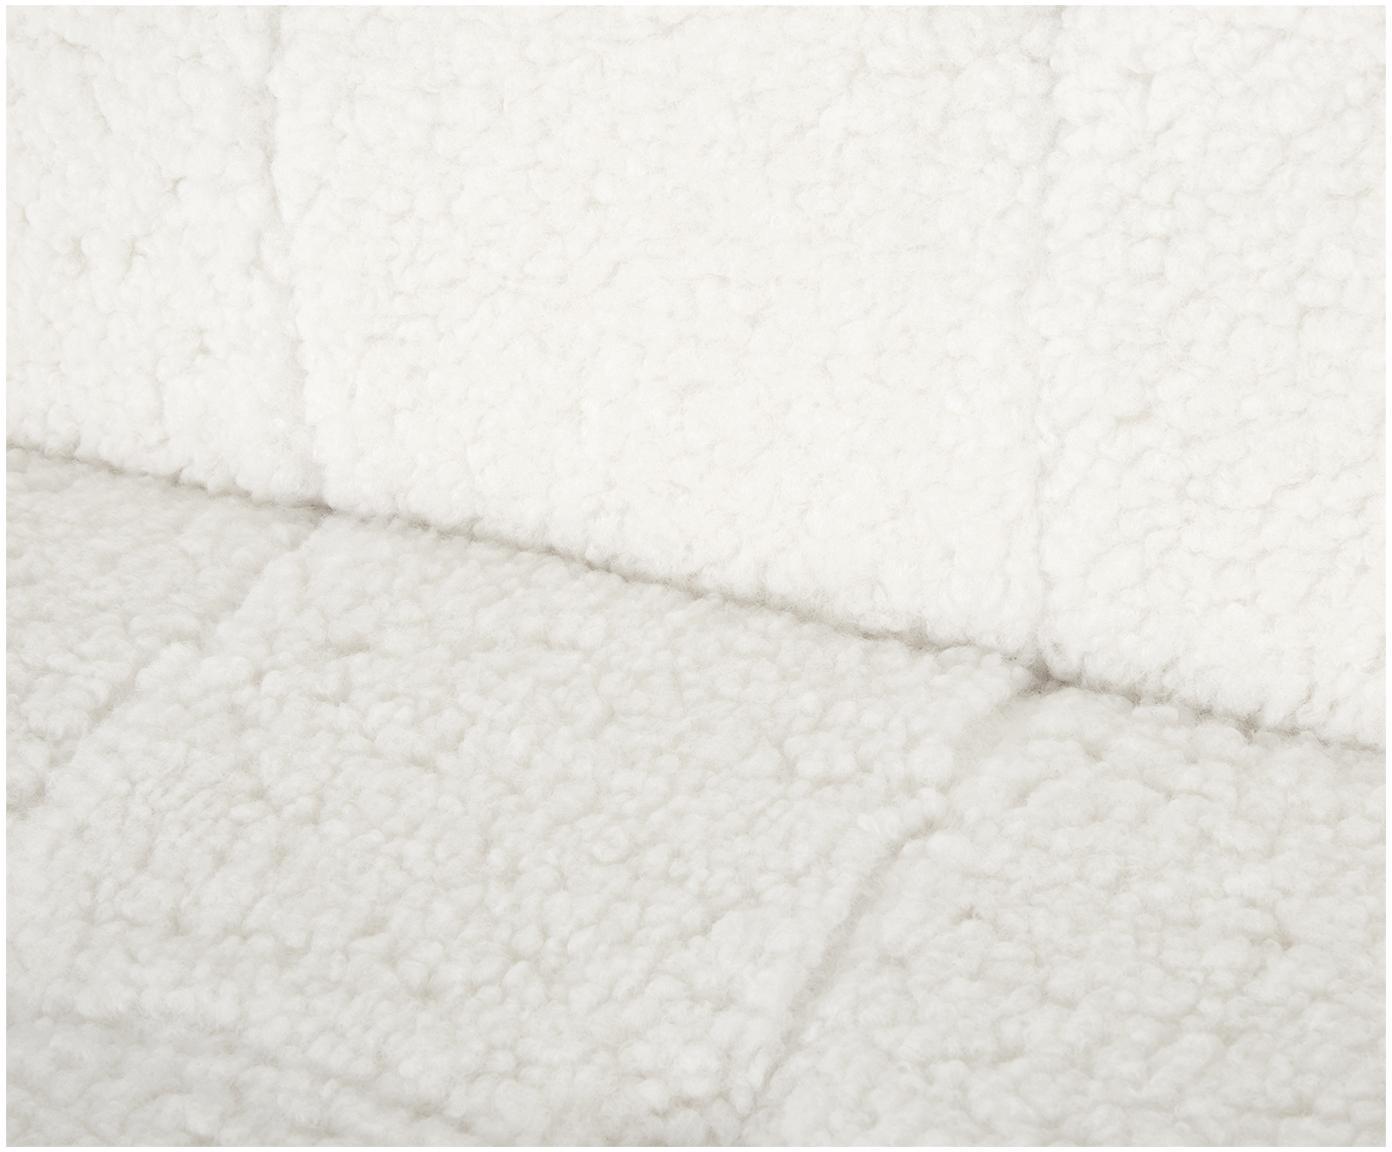 Fotel Teddy Manhattan, Tapicerka: poliester (futro Teddy), Stelaż: metal powlekany, Kremowobiały teddy, S 70 x G 72 cm